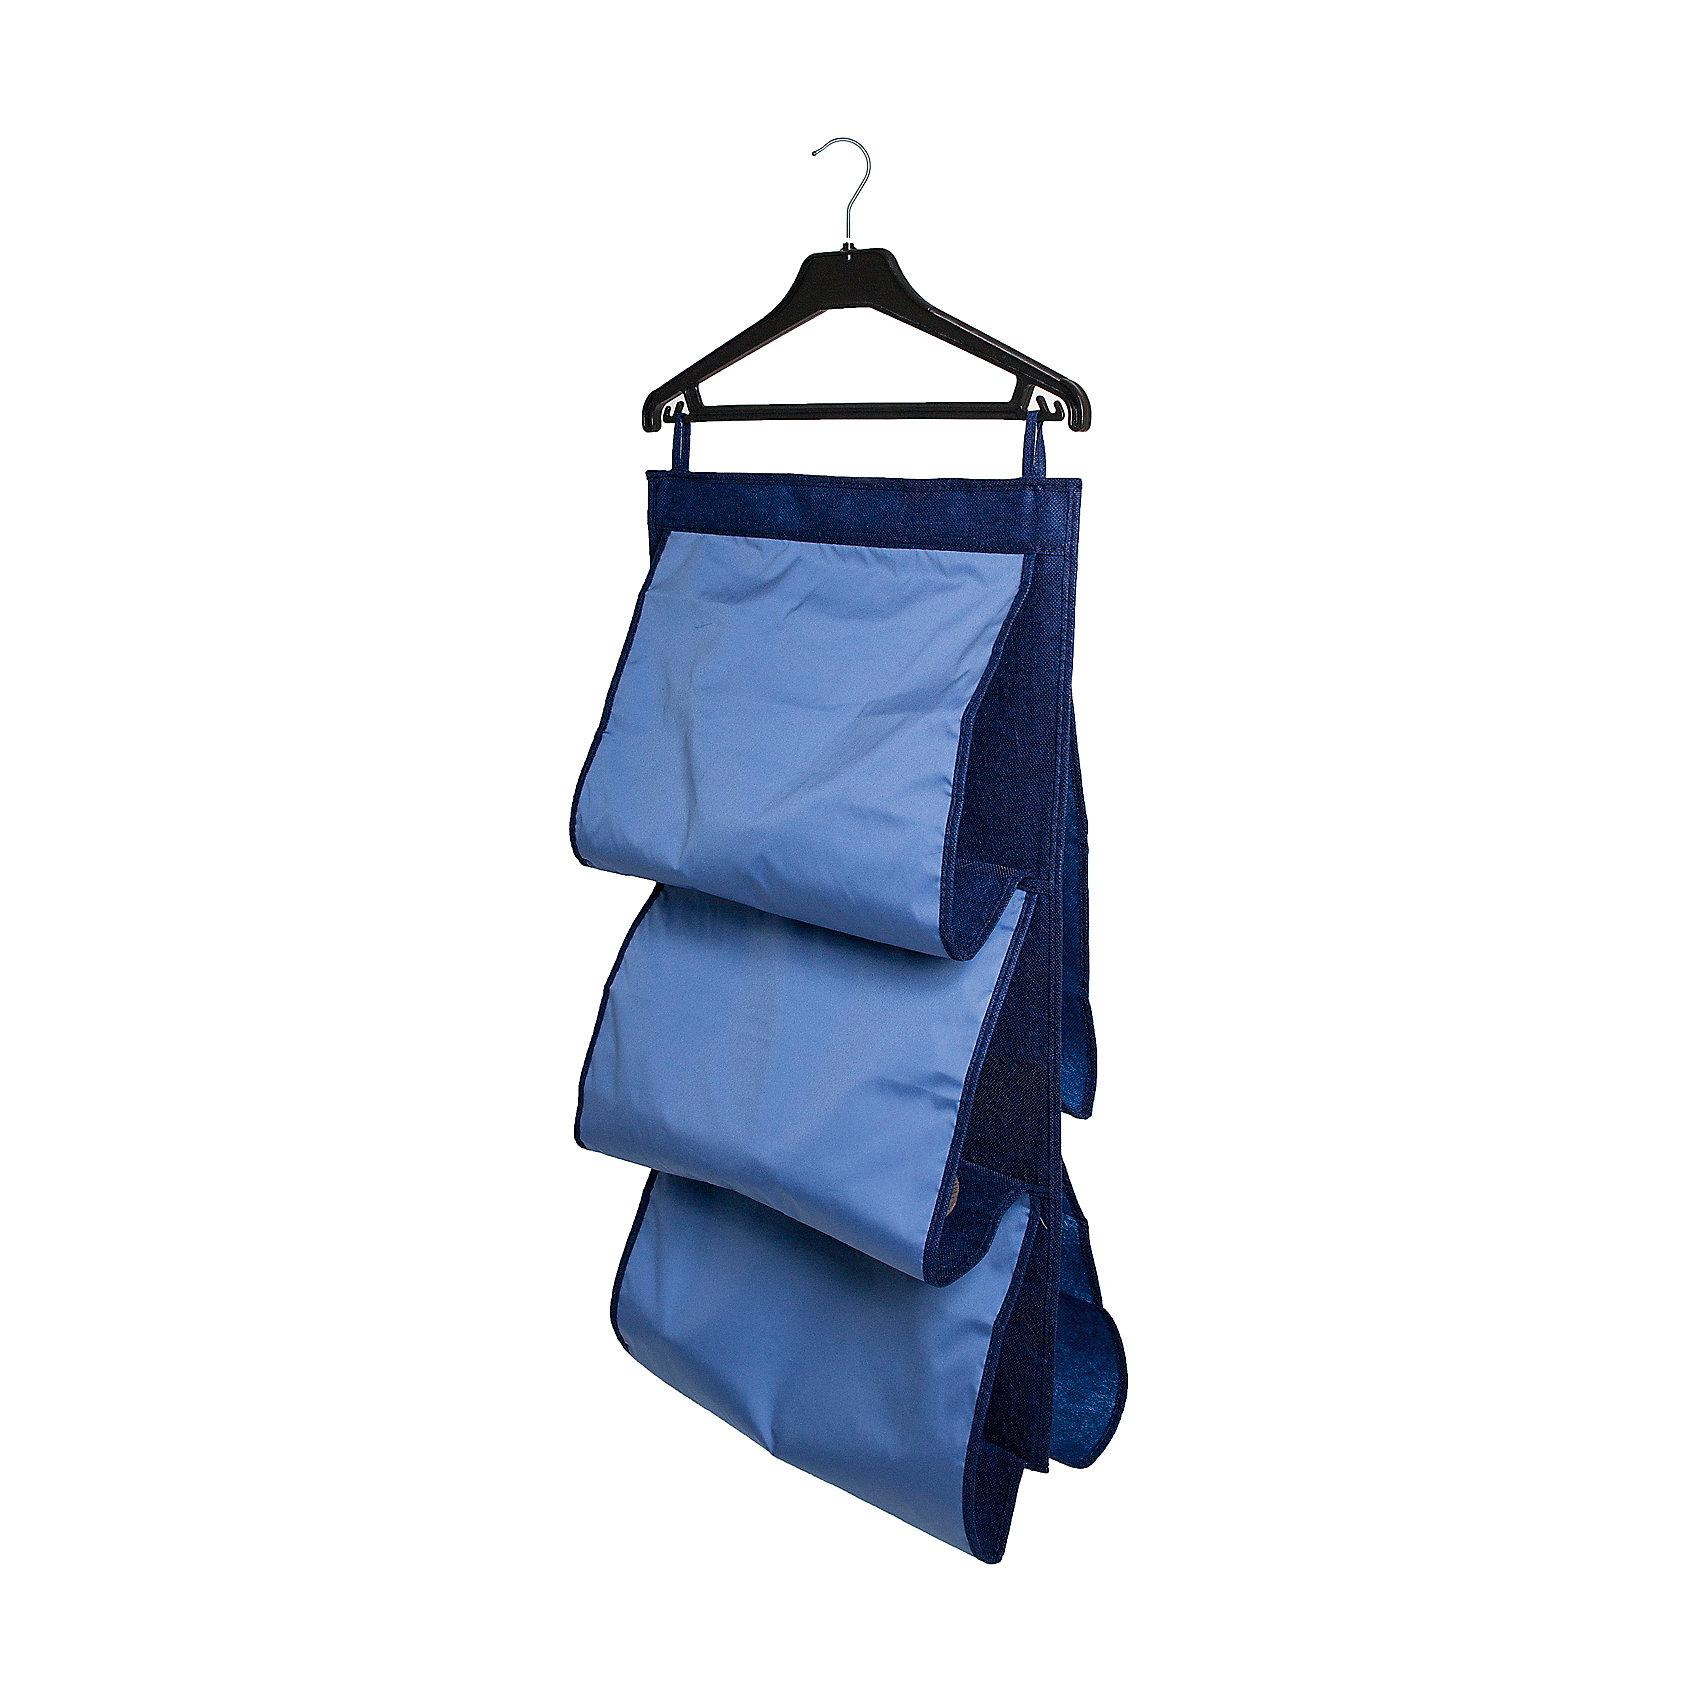 Органайзер для сумок в шкаф Blue sky, HomsuПорядок в детской<br>Подвесной двусторонний органайзер имеет 5 раздельных ячеек шириной 40см, очень удобен для хранения вещей в вашем шкафу. Идеально для сумок, клатчей и других вещей ежедневного пользования.<br><br>Ширина мм: 450<br>Глубина мм: 300<br>Высота мм: 20<br>Вес г: 300<br>Возраст от месяцев: 216<br>Возраст до месяцев: 1188<br>Пол: Унисекс<br>Возраст: Детский<br>SKU: 5620230